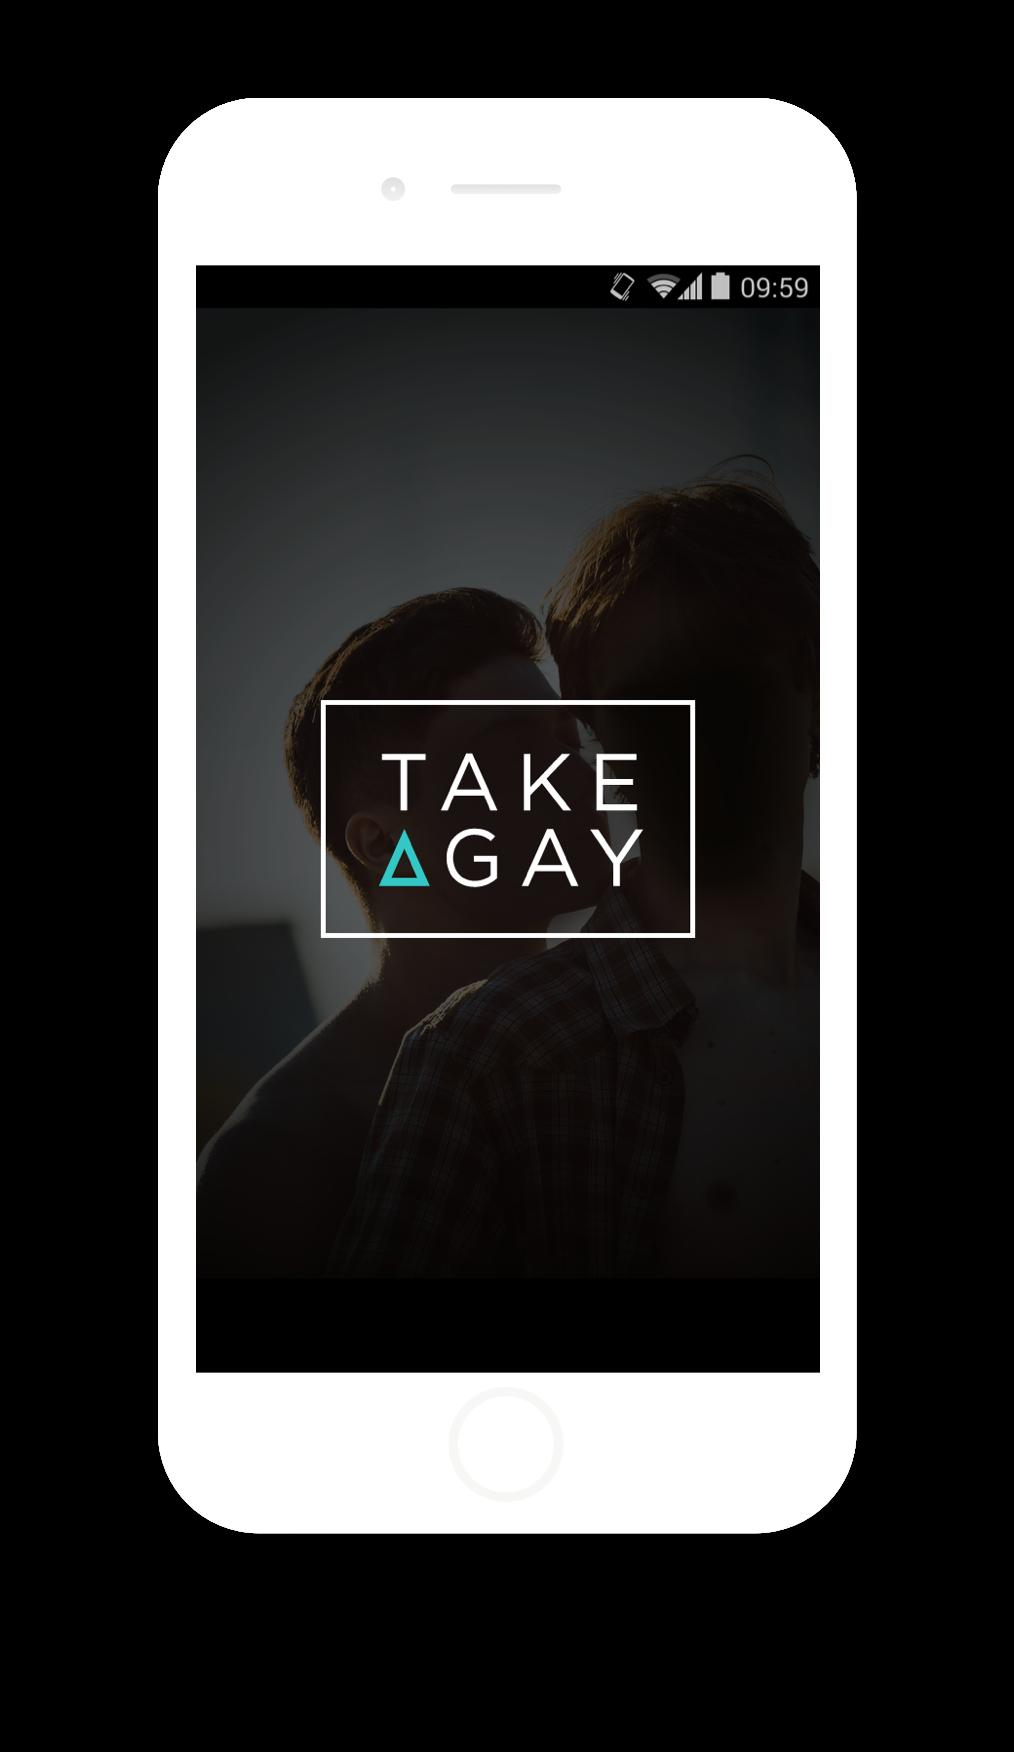 takeagay-mobile 2